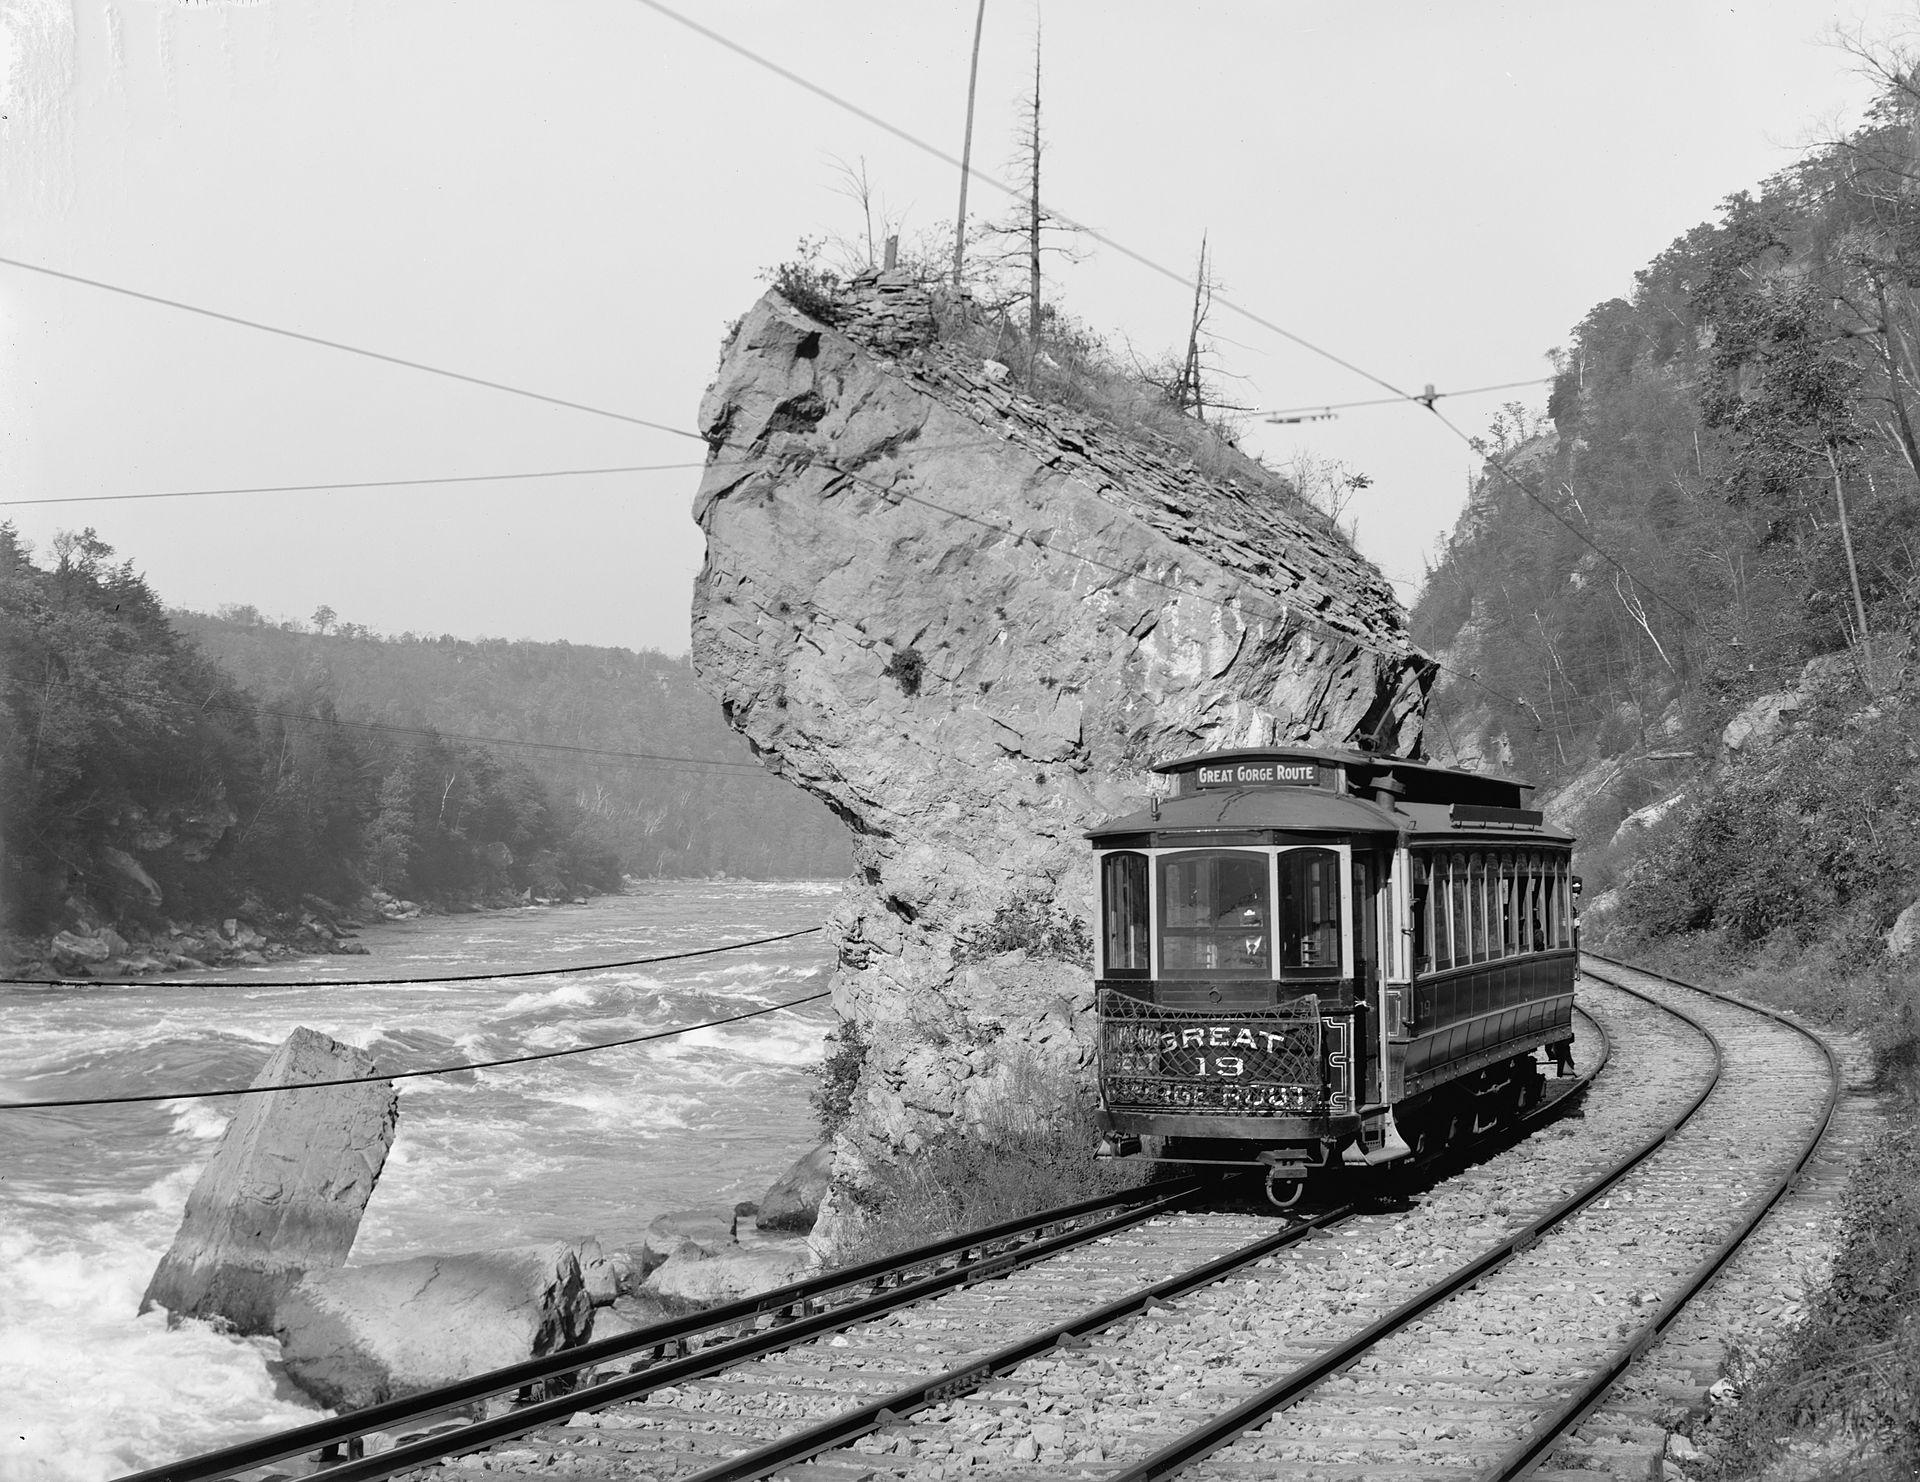 Niagara Scenic Trolley Tour